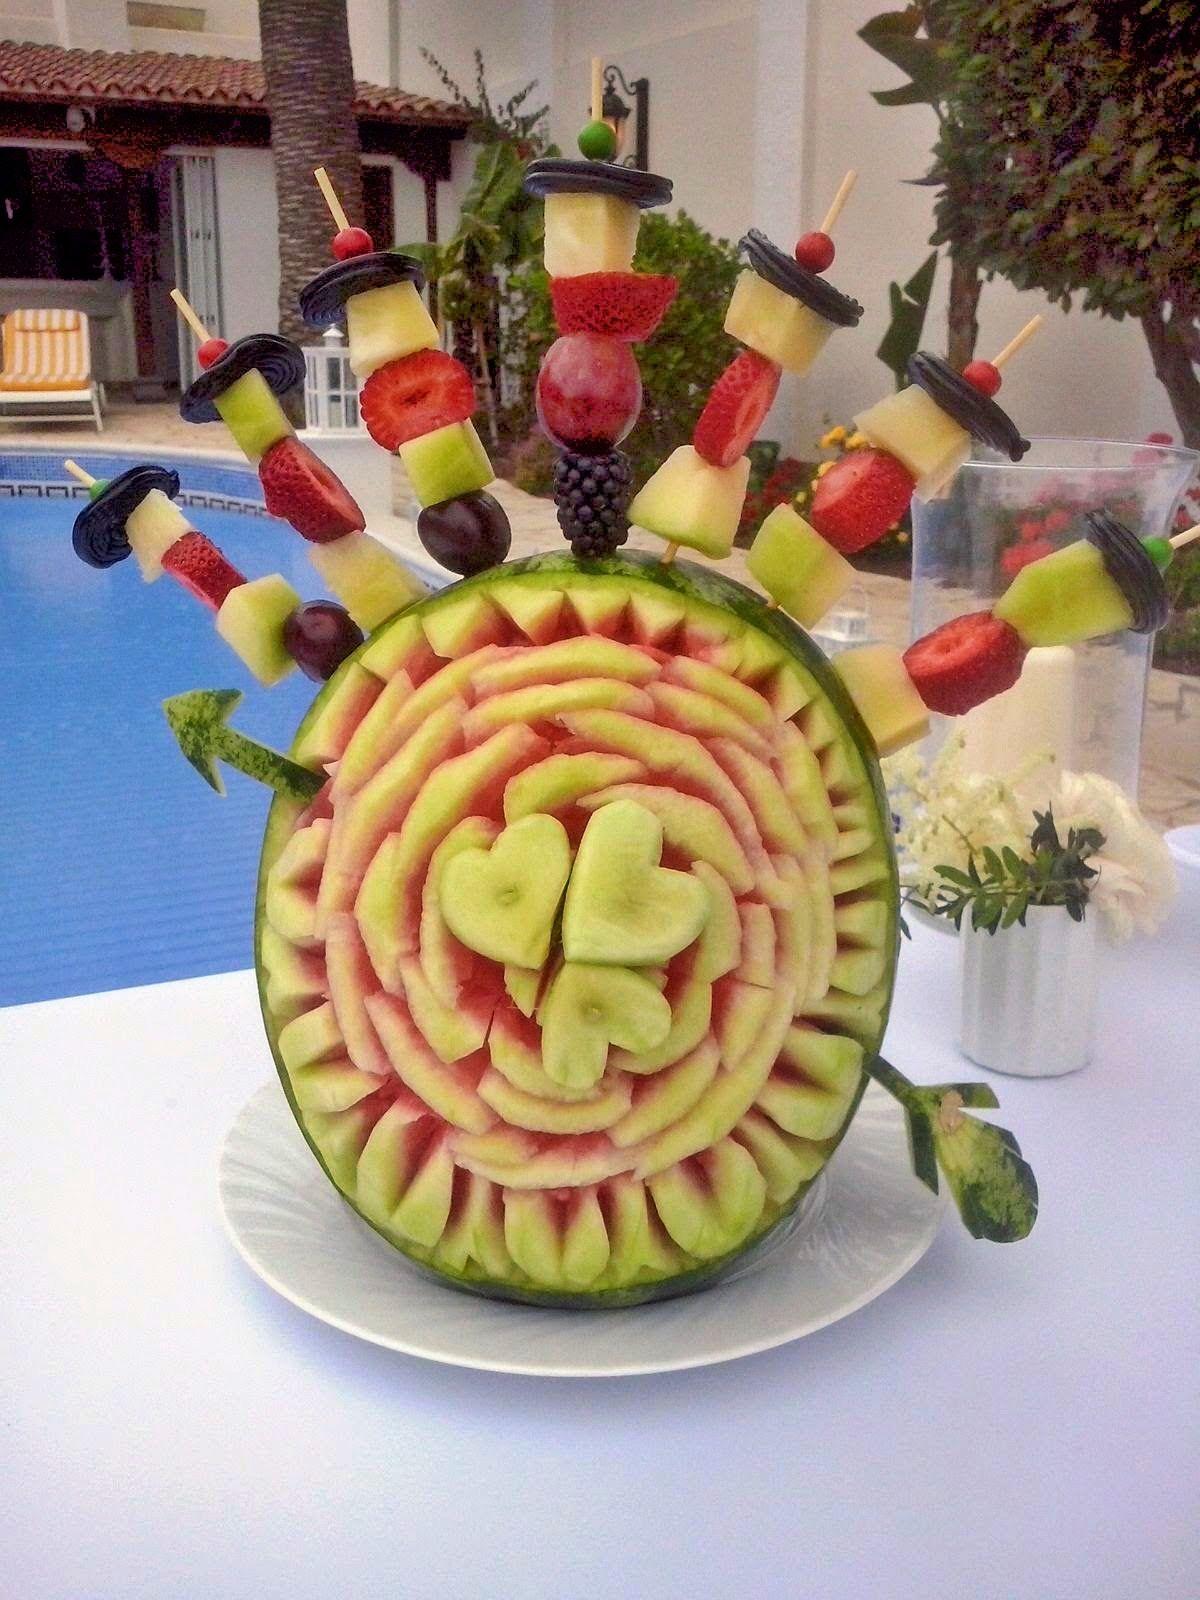 Decoraci n con frutas y verduras bodas eventos Tenerife